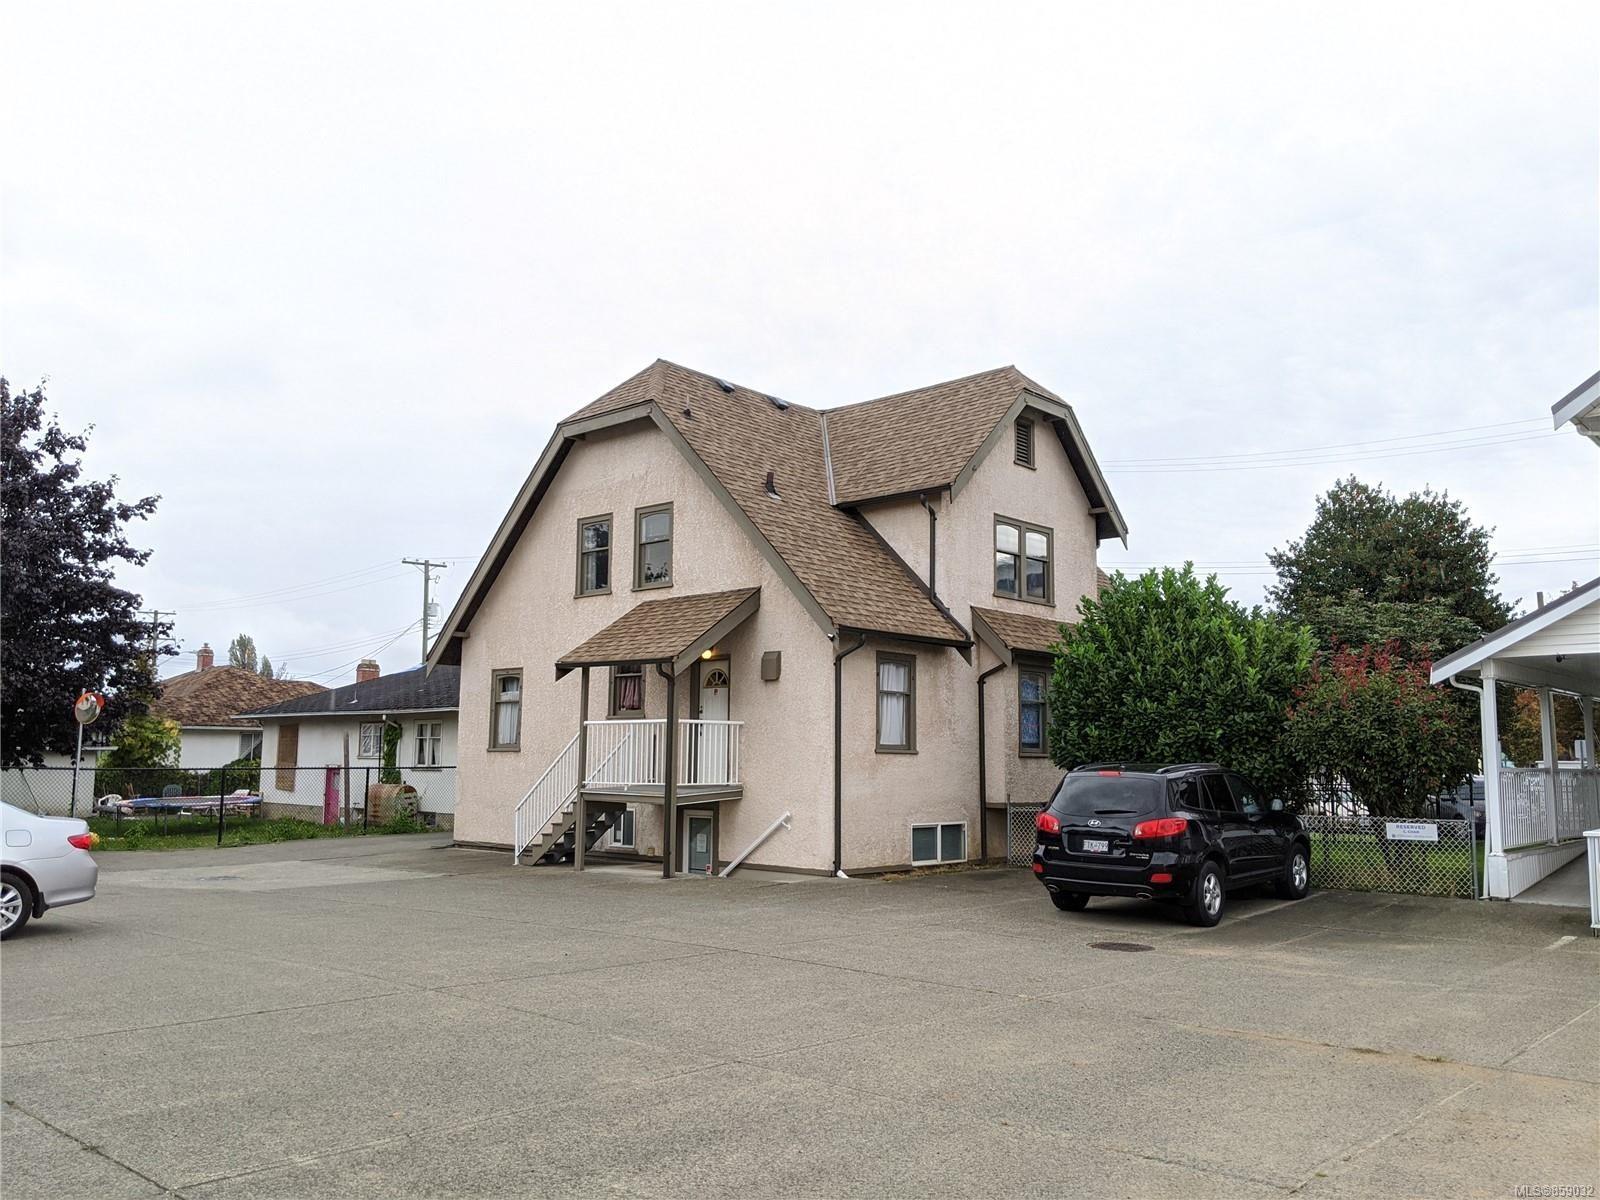 Photo 4: Photos: 331 St. Julian St in : Du West Duncan Office for sale (Duncan)  : MLS®# 859032